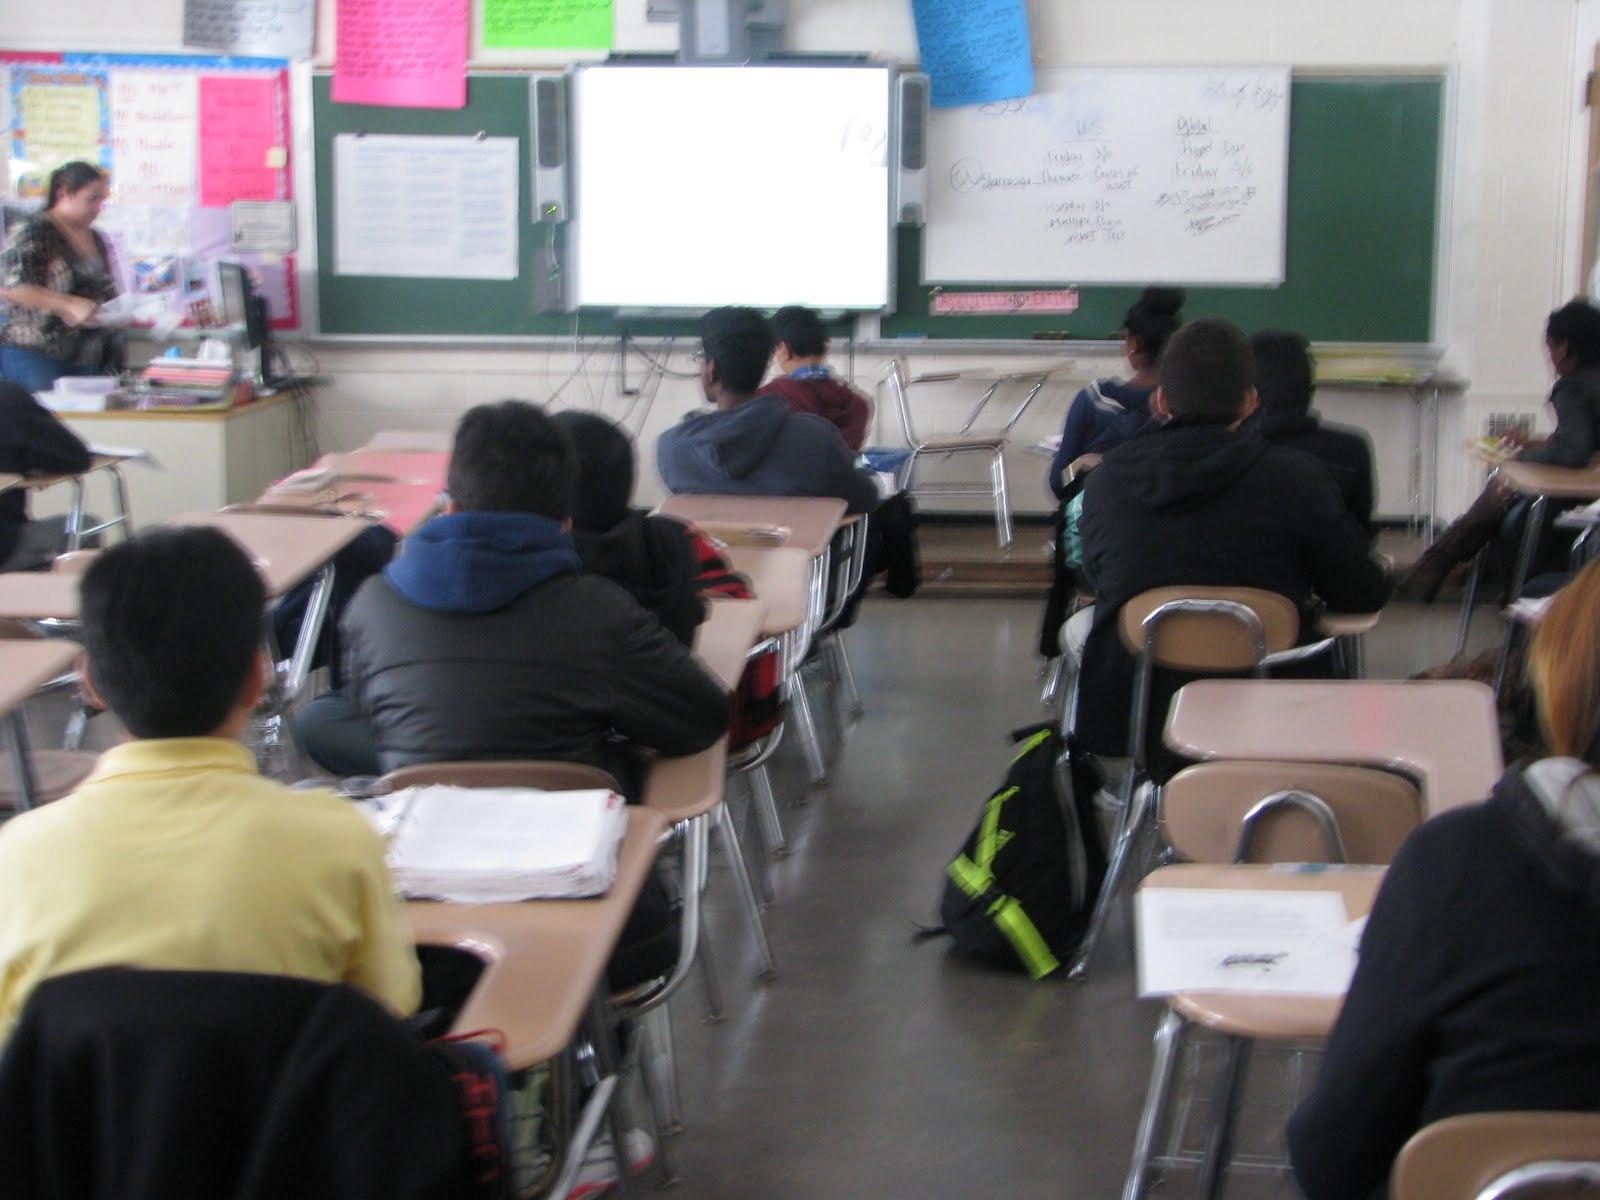 Martin Van Buren High School - District 26 - InsideSchools